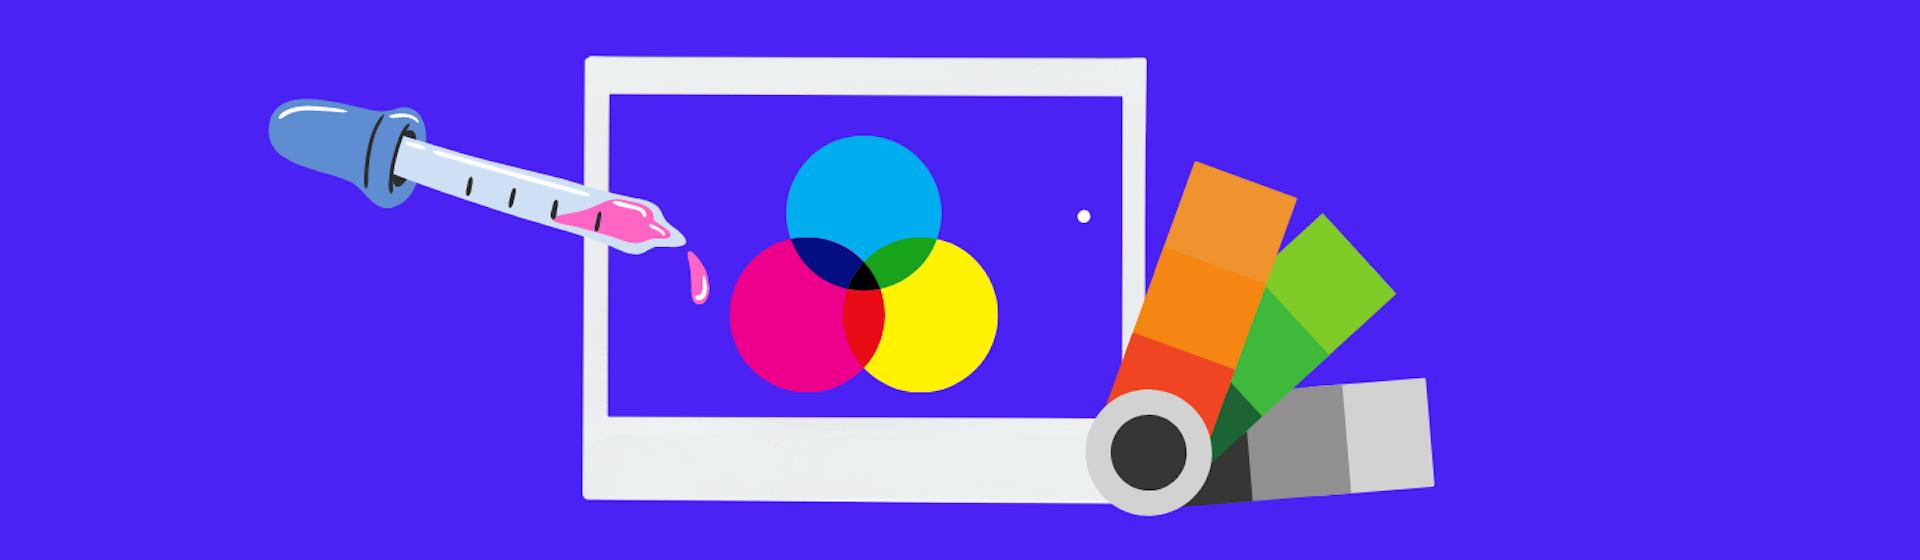 ¿Cómo saber el Pantone de un color? Identifica los colores en tus diseños de forma exacta